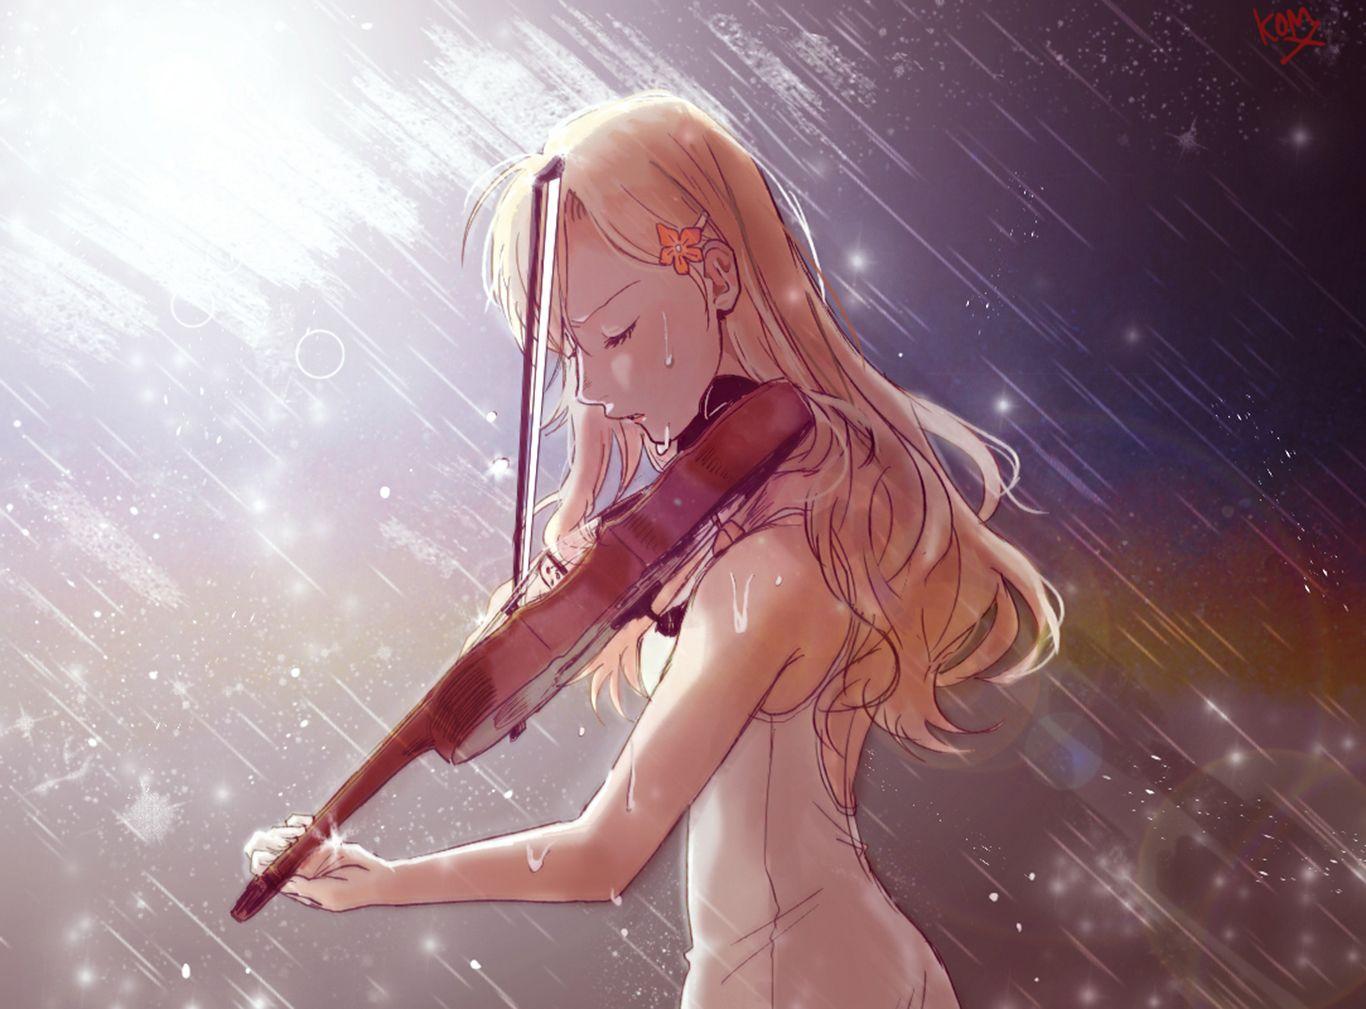 Anime girl kaori miyazono cry in rain wallpaper dreamlovewallpapers